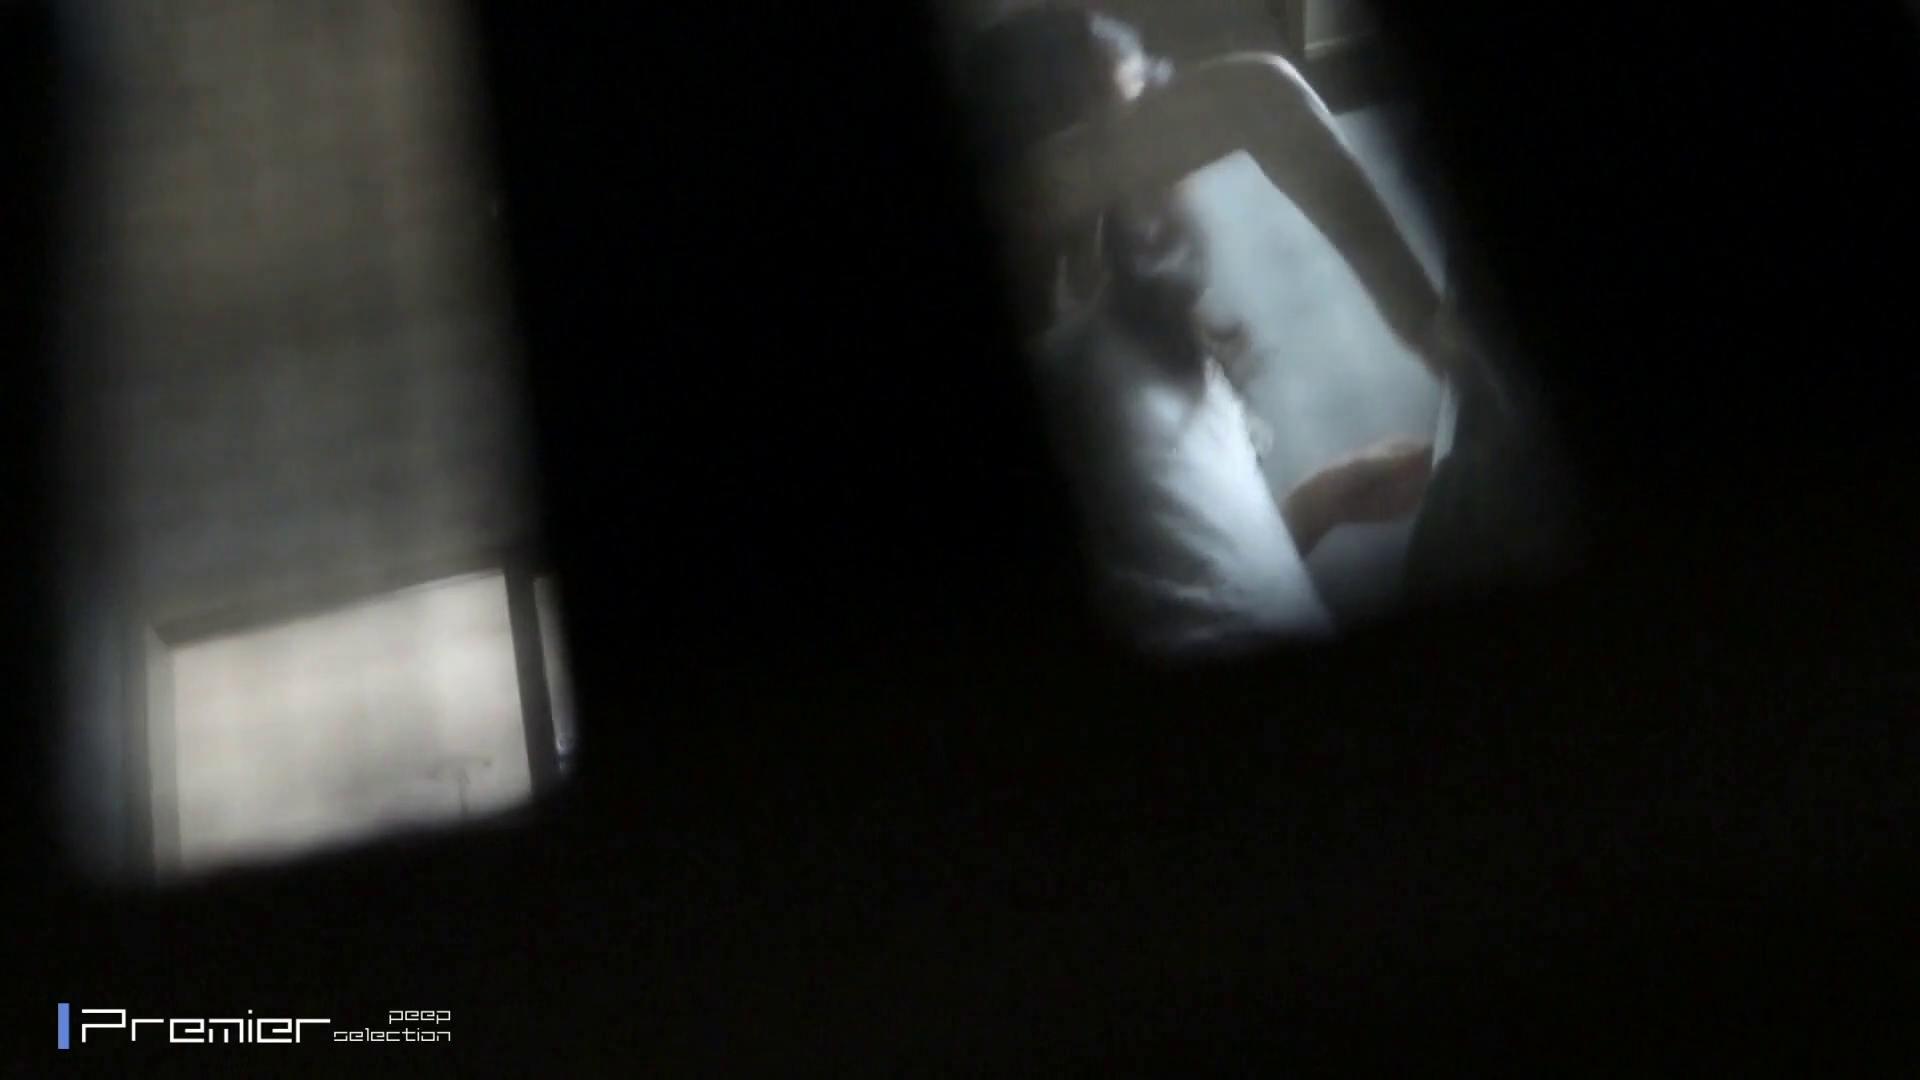 美人限定★女子大生の私生活★詰合せ 美女達の私生活に潜入! 美女 おめこ無修正画像 106画像 9